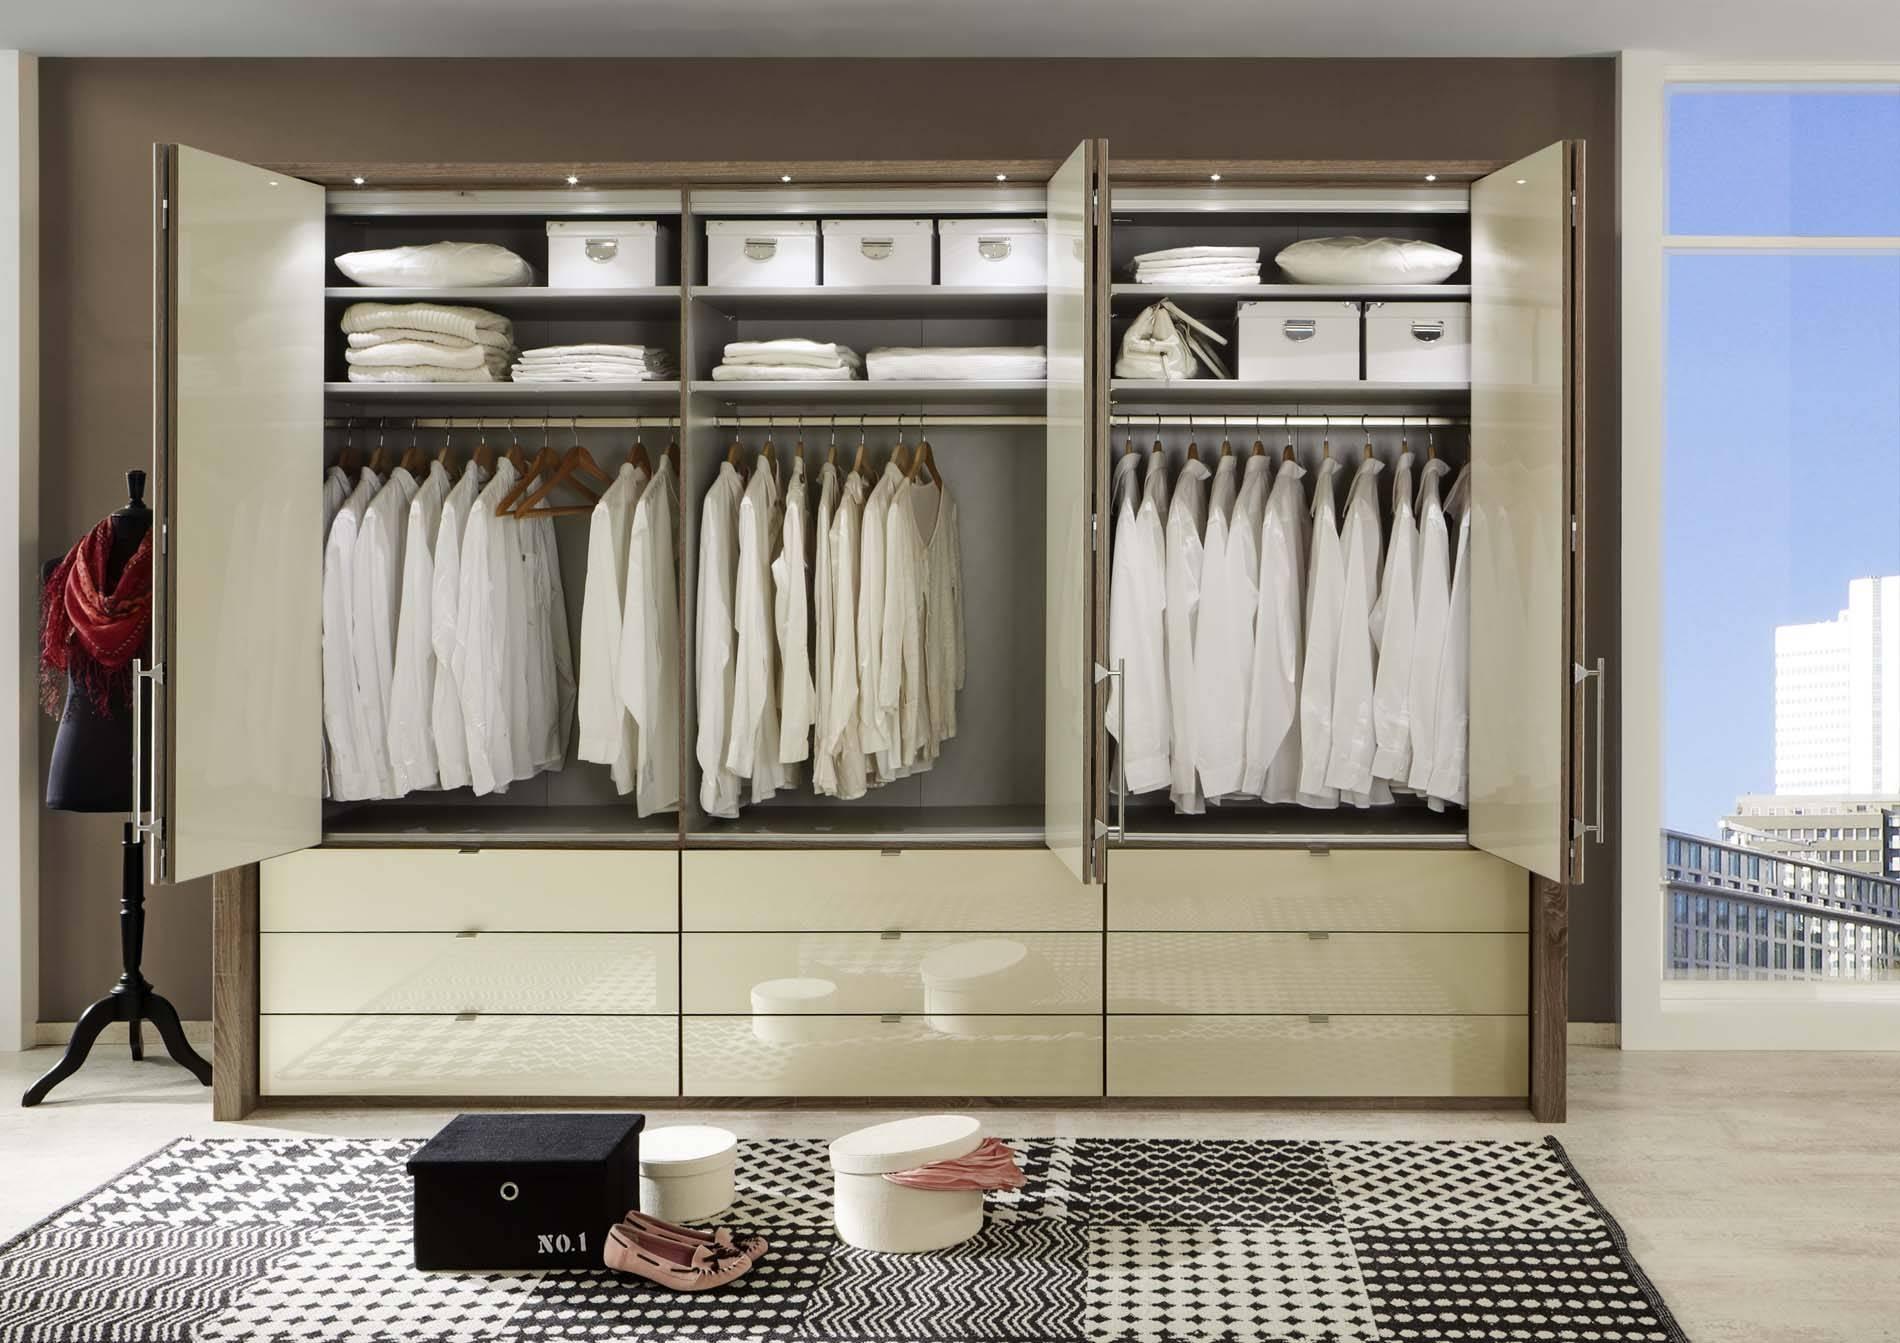 Kensington 6 Door 9 Drawer Wardrobe | Crendon Beds regarding 6 Doors Wardrobes (Image 9 of 15)